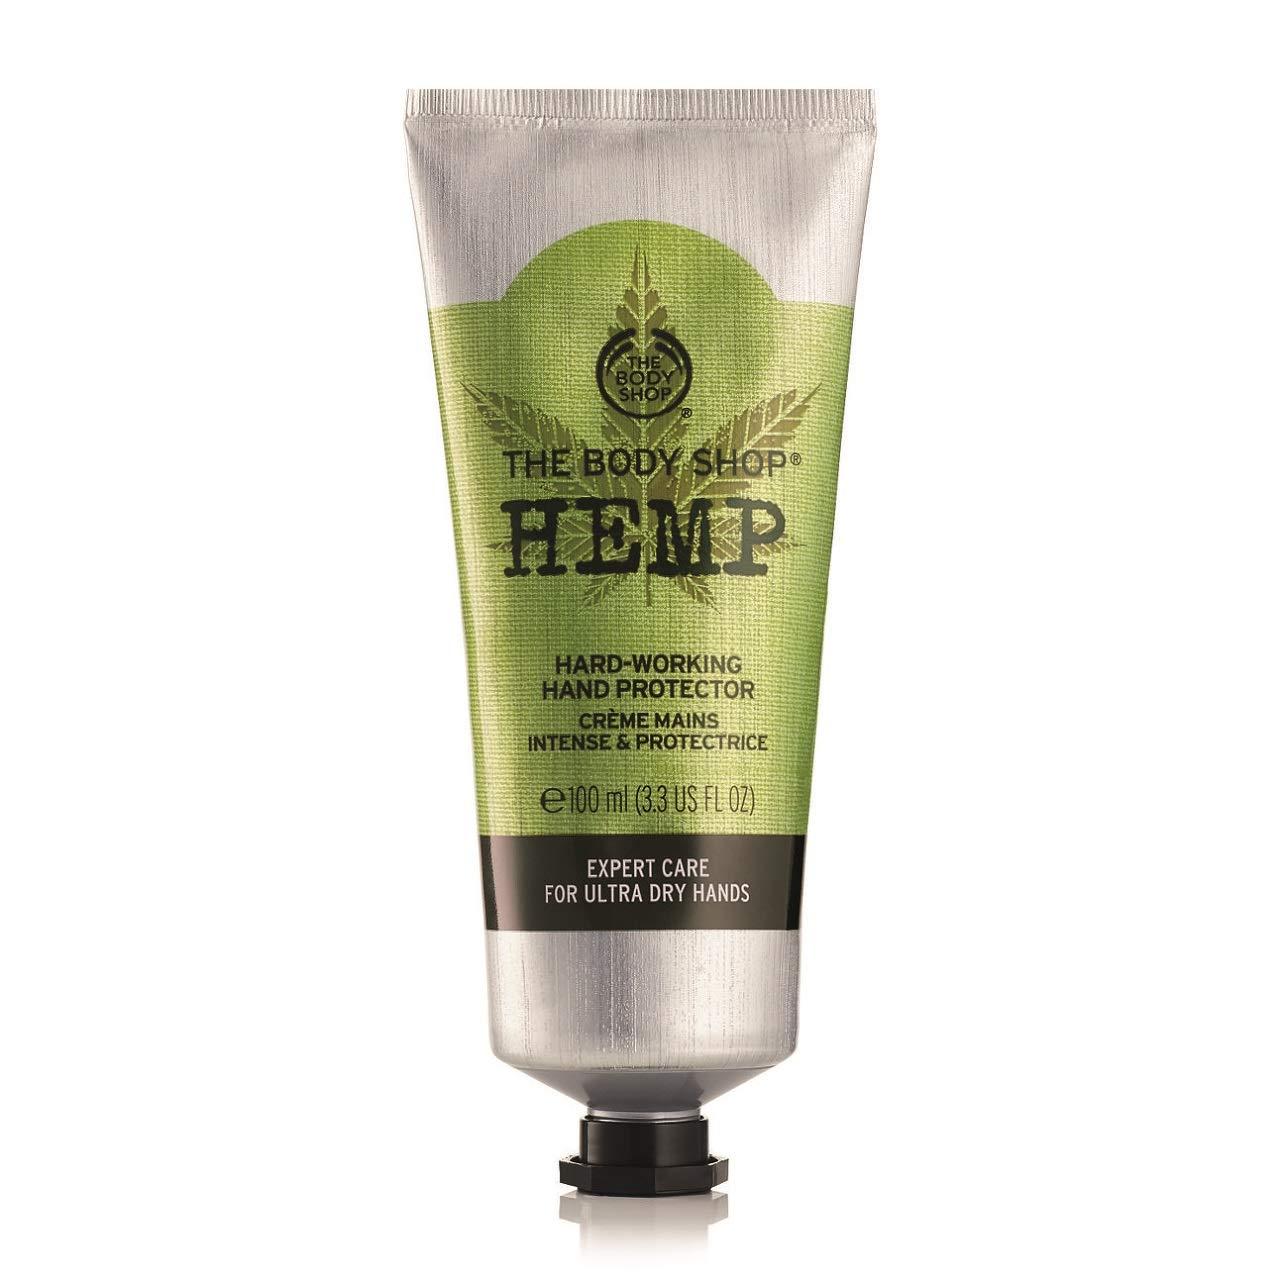 The Body Shop Hand Protector, Hemp, 3.3 Fluid Ounces by TEREZ & HONOR